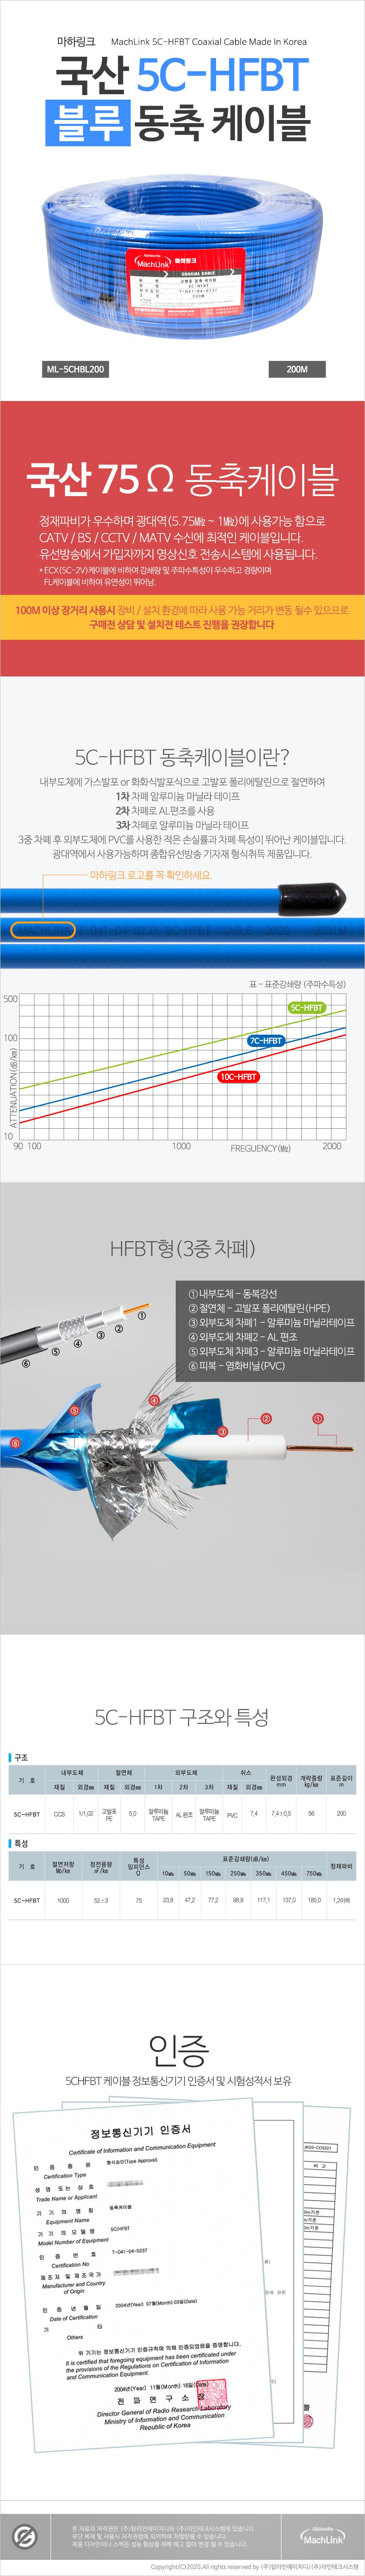 마하링크 국산 5C-HFBT 제작용 블루 동축 케이블 (ML-5CHBL200, 200m)